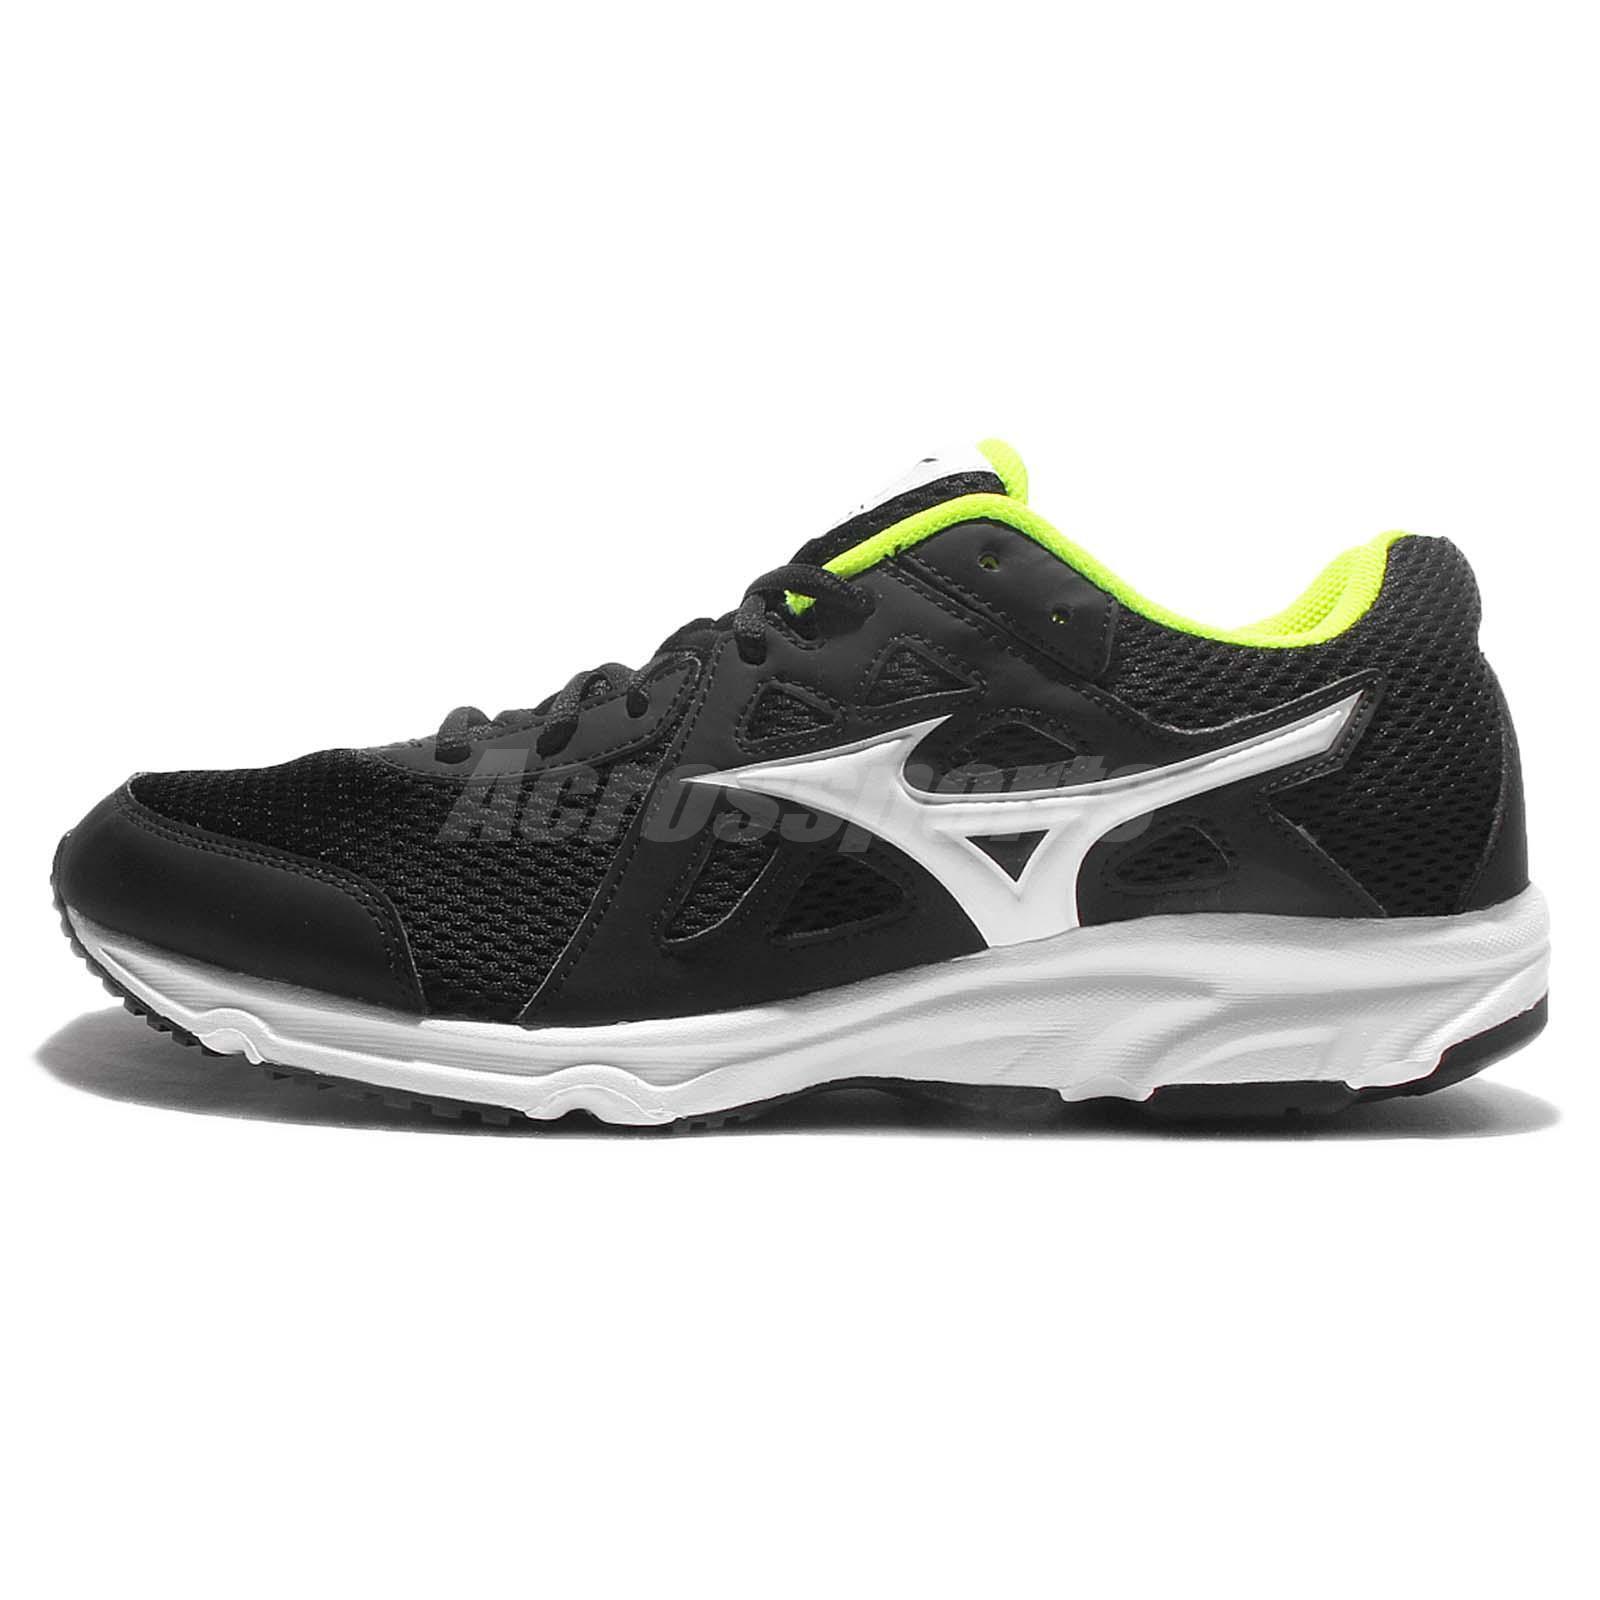 Mizuno Spark 2 Black Yellow White Men Running Shoe Sneakers Trainers K1GA1703-01